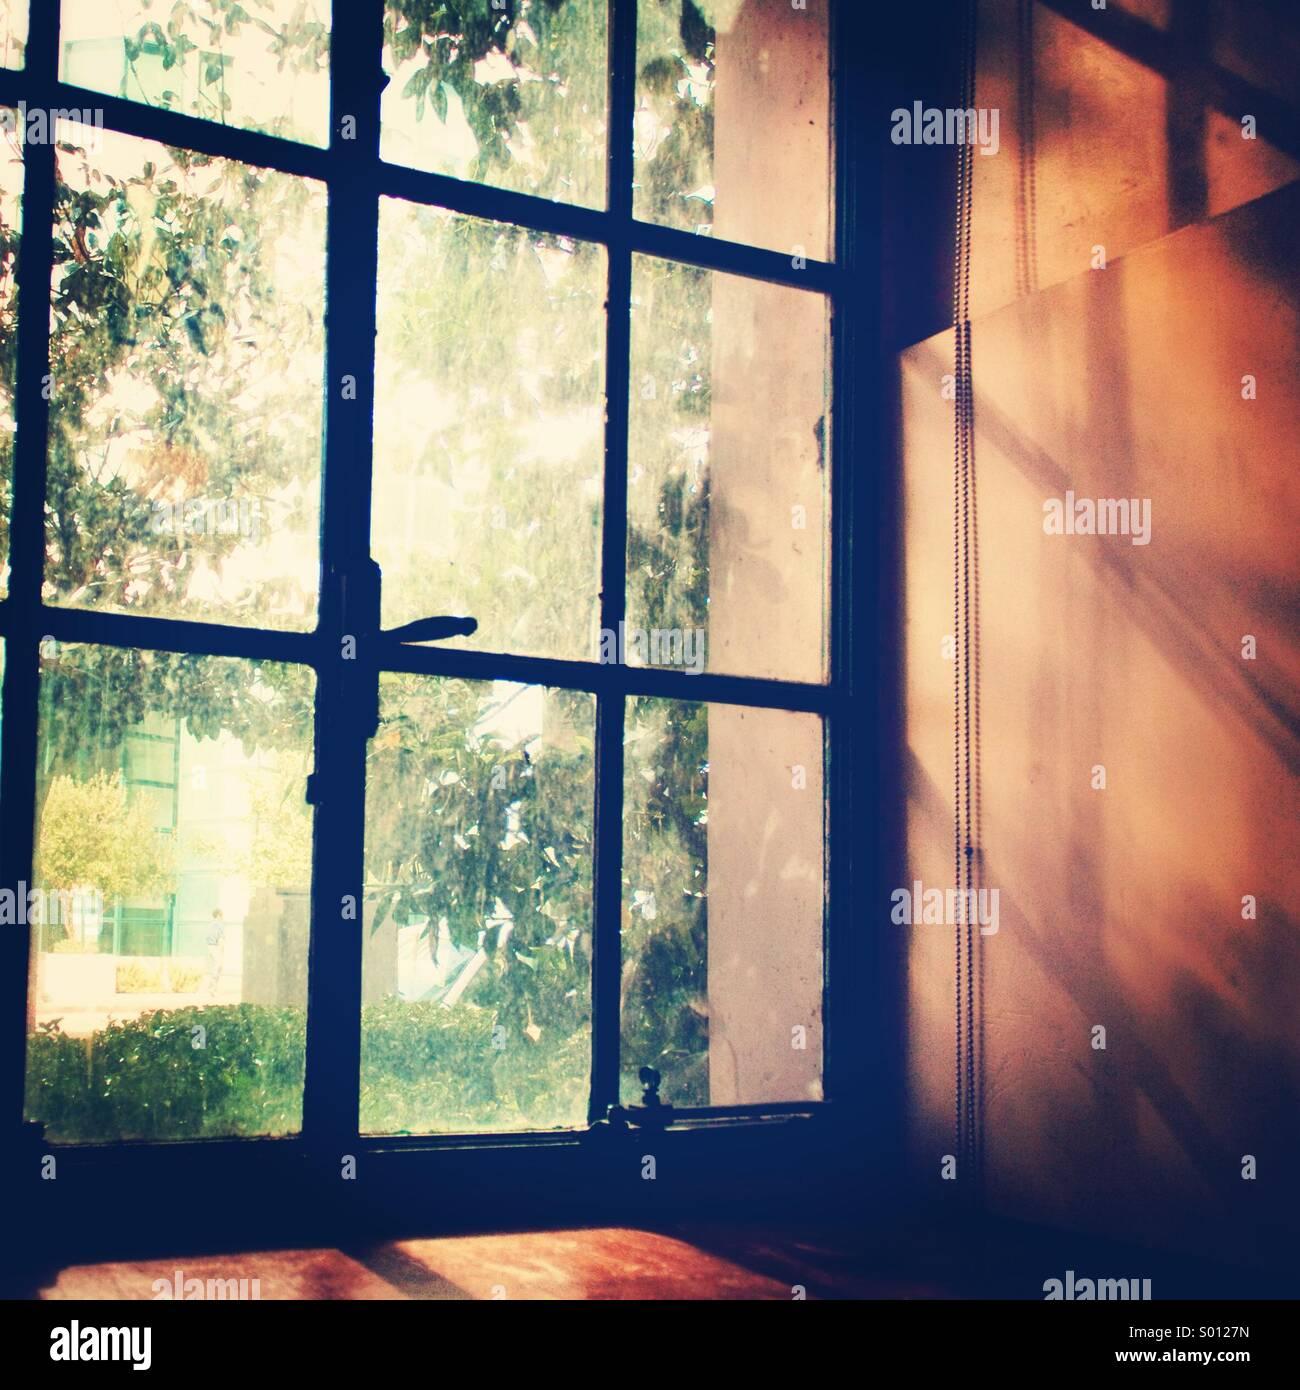 Jolie fenêtre la lumière. Photo Stock